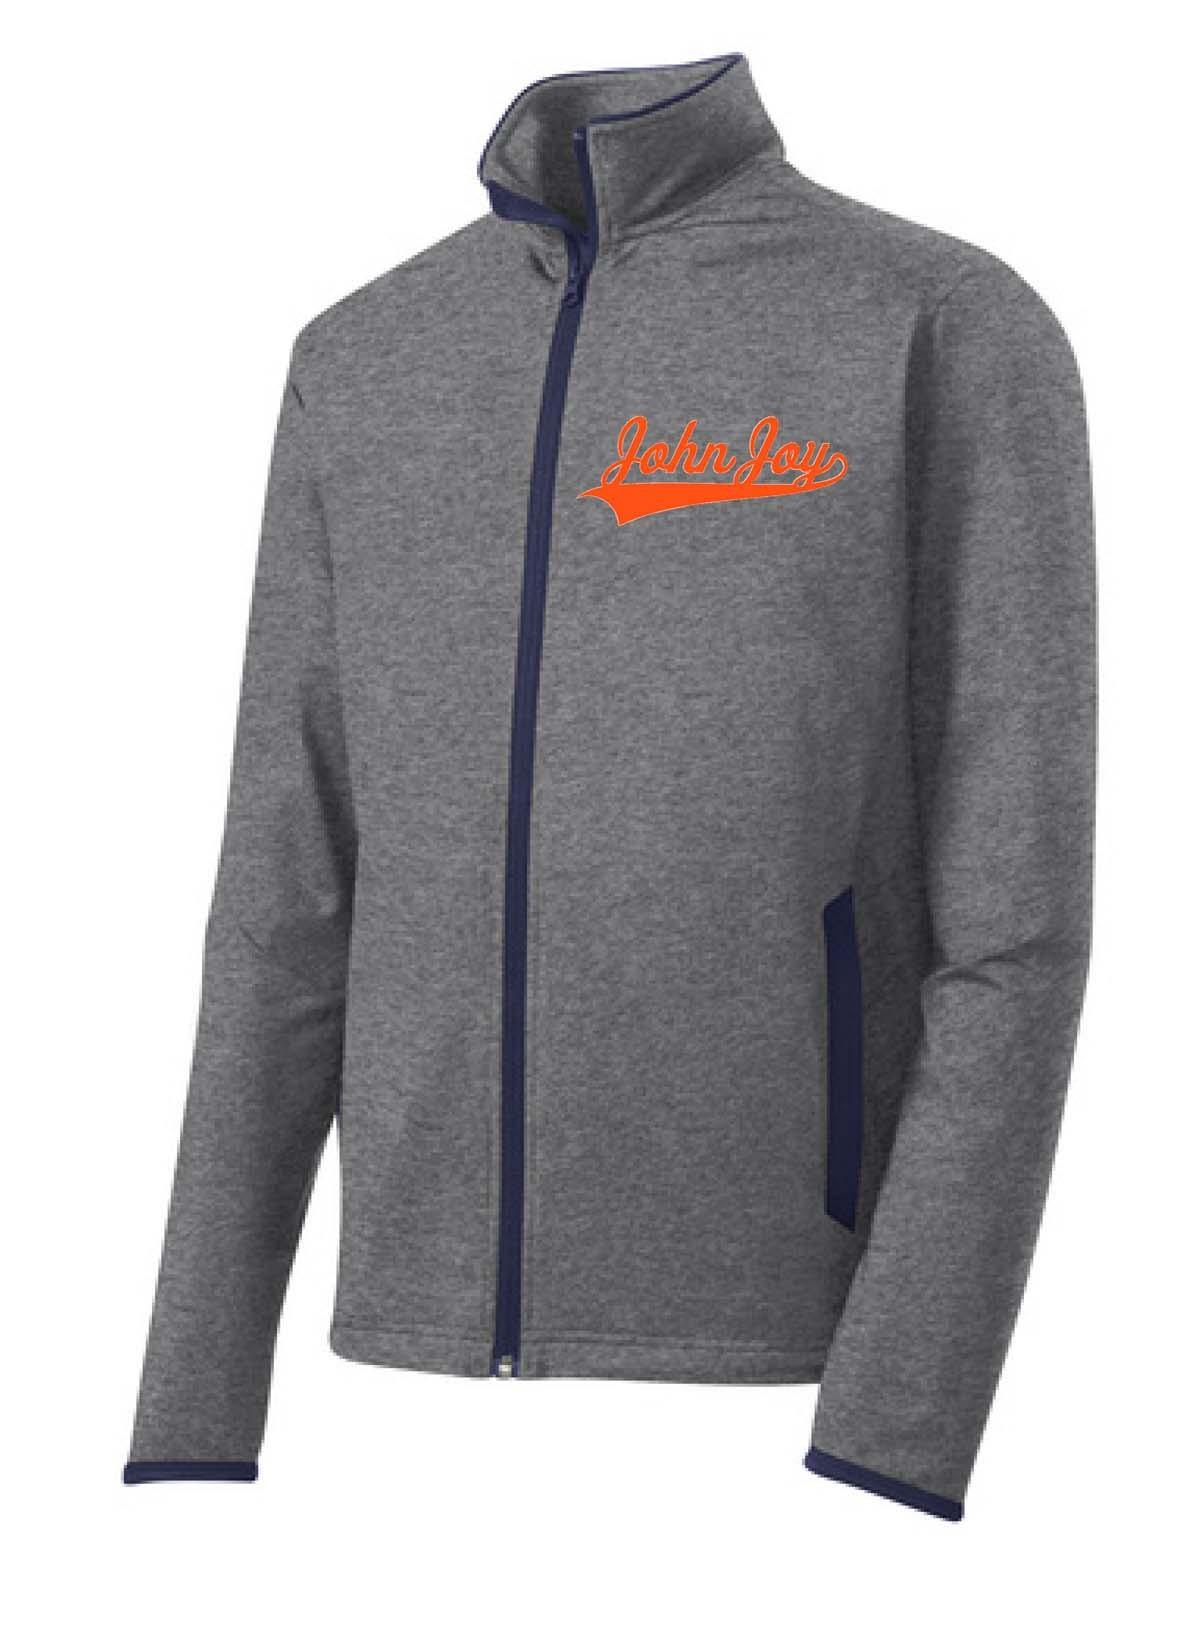 John Joy Swoosh Sport Tek Sport Wick Full Zip Jacket